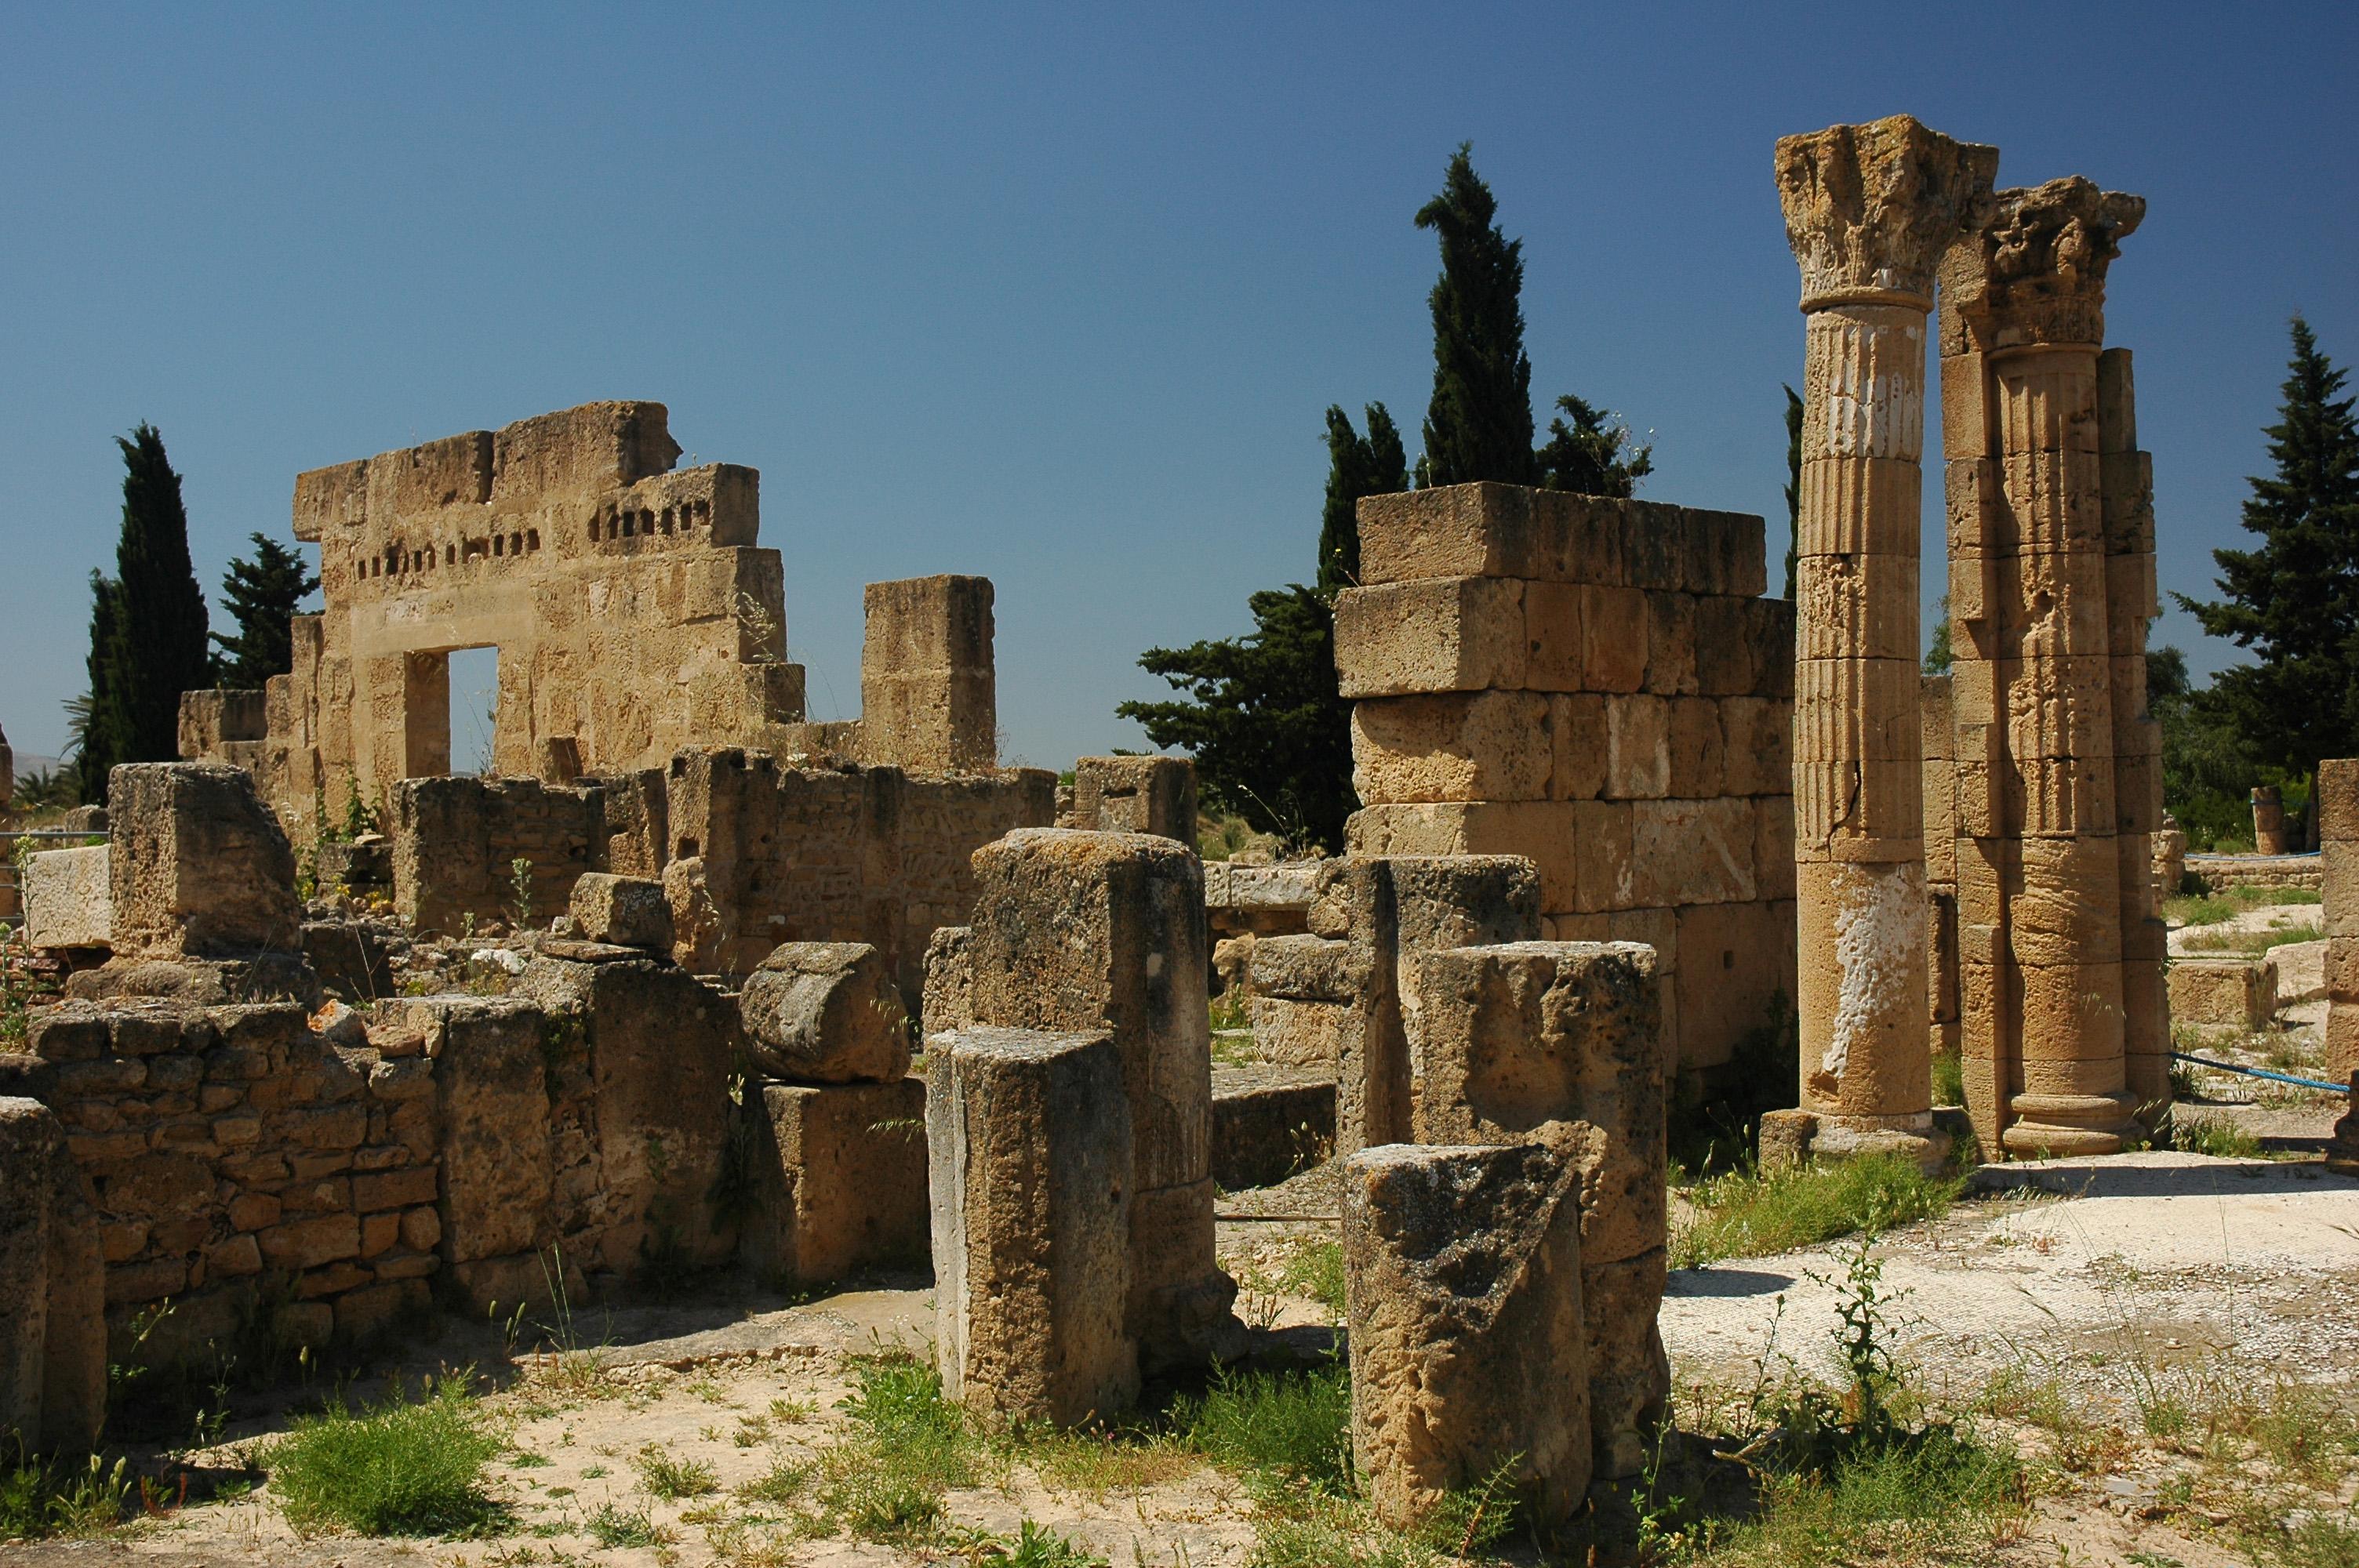 Tunisia dating site